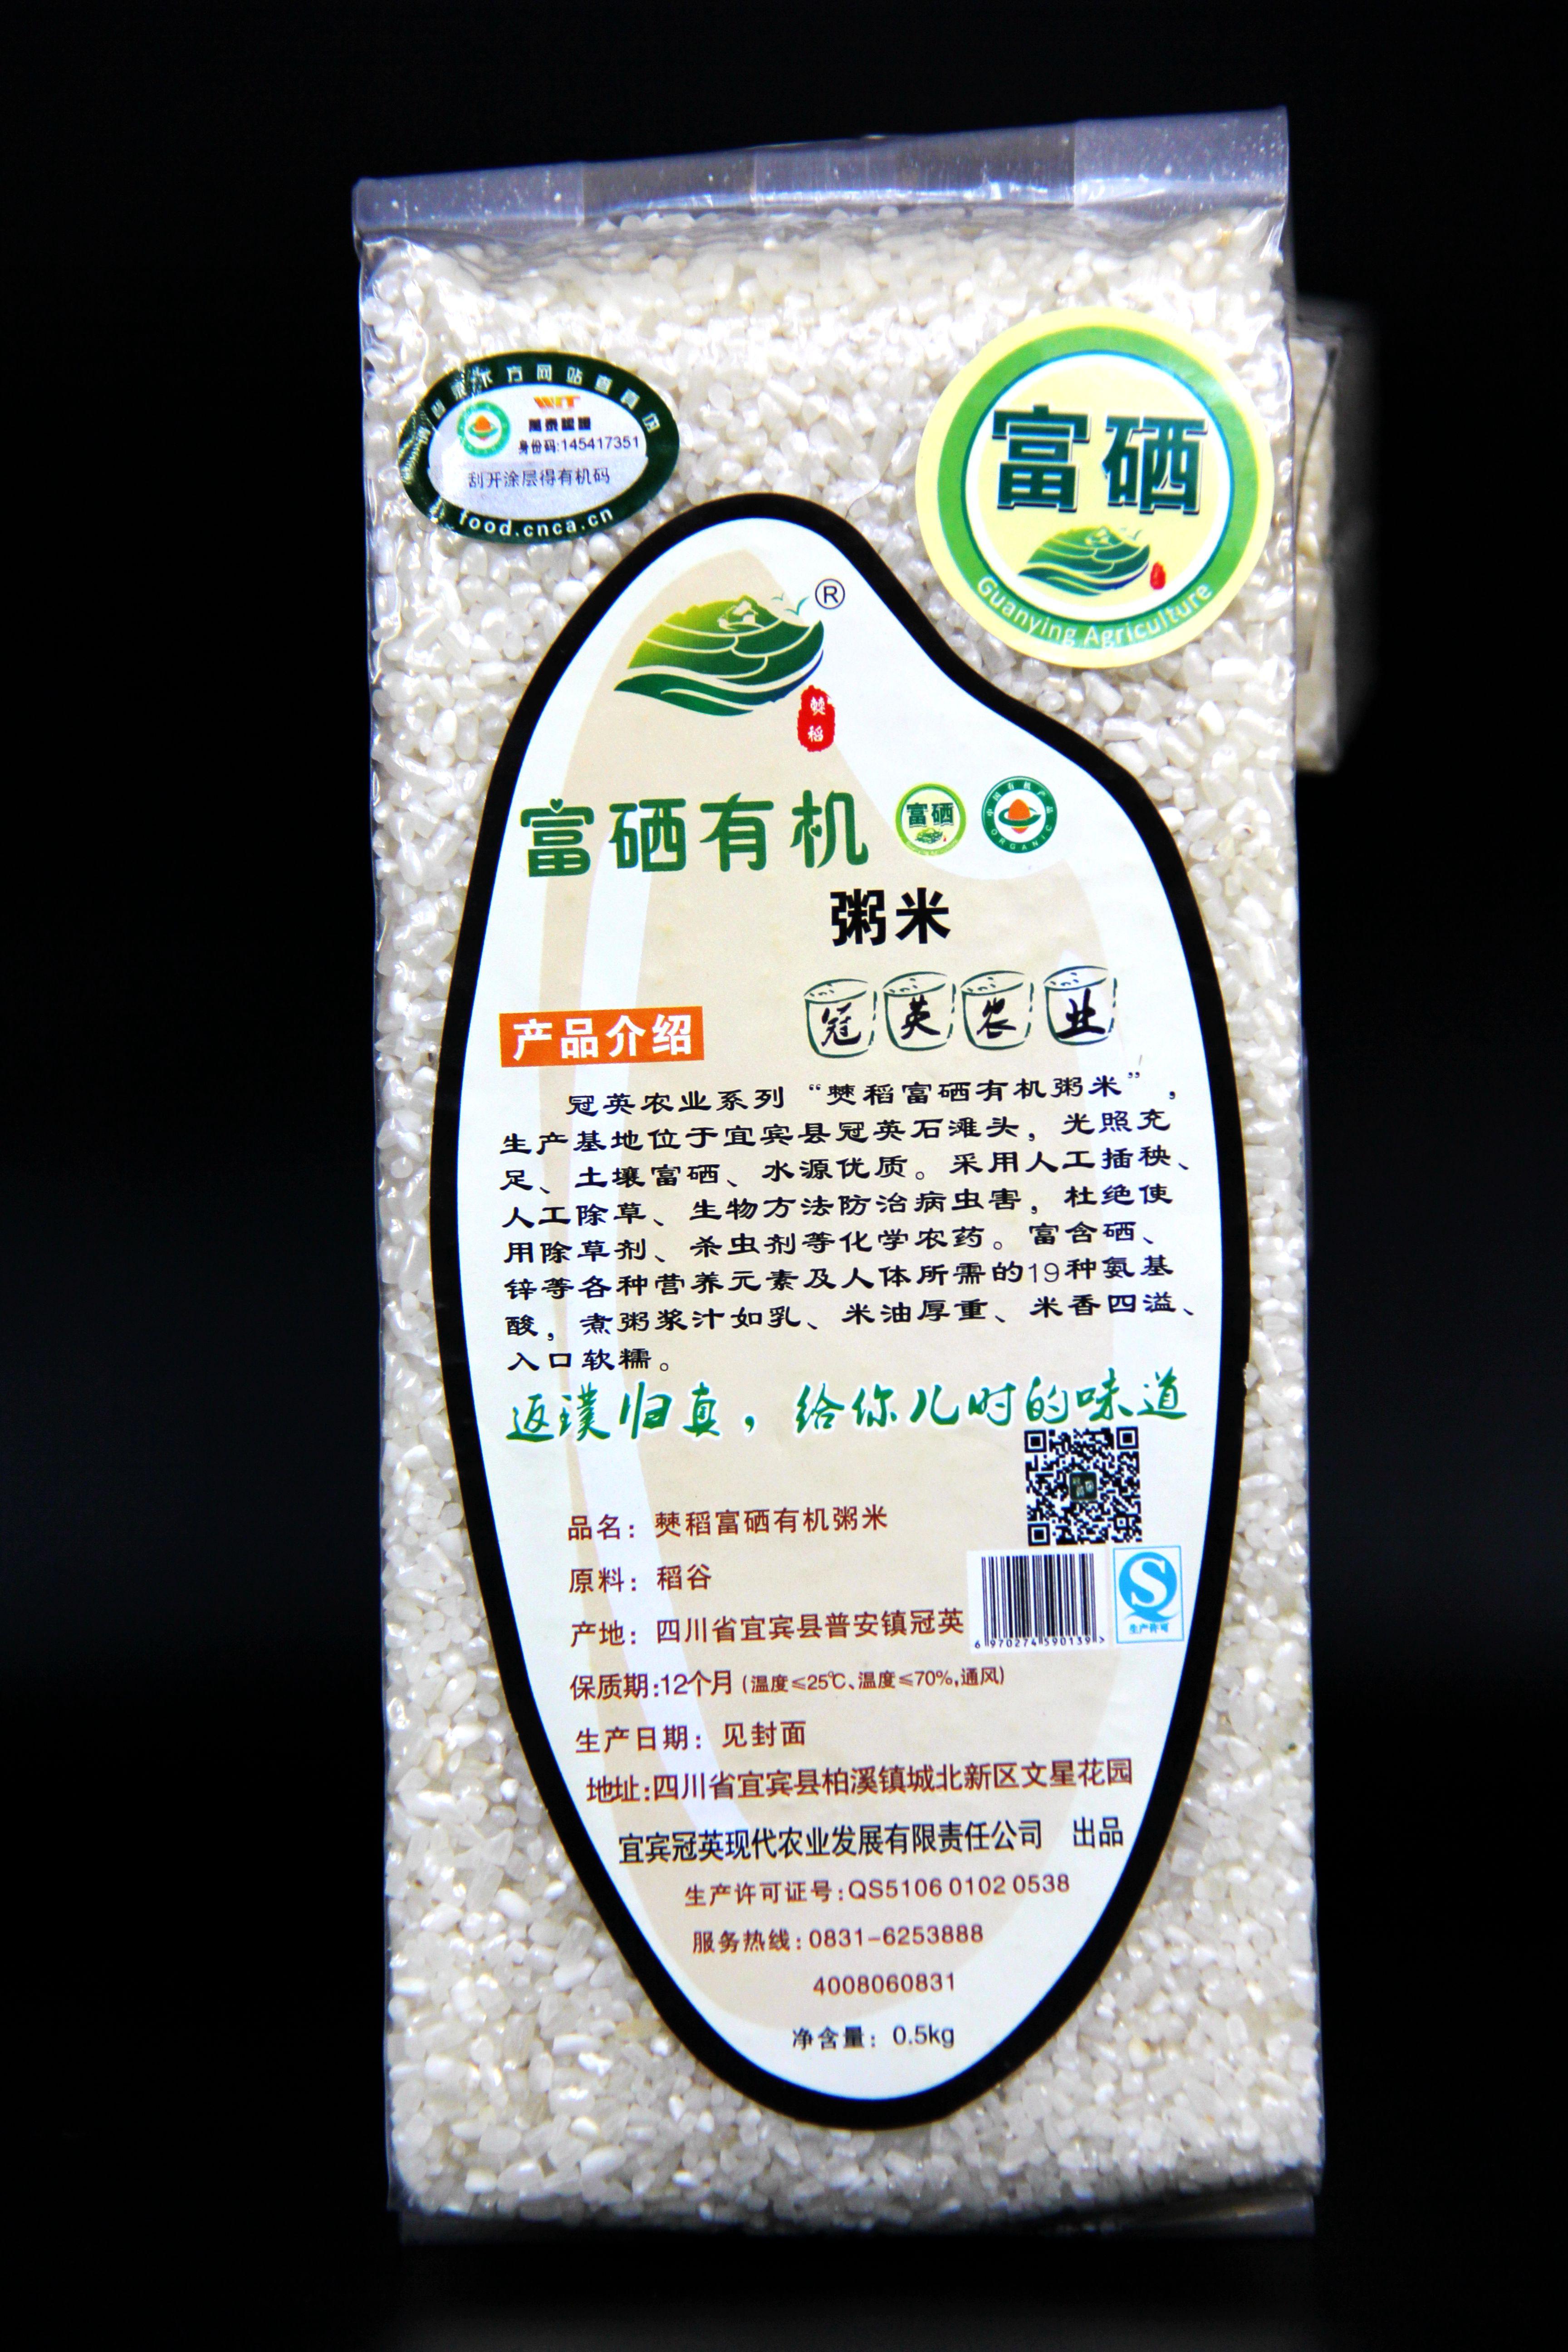 0.5kg僰稻富硒有机粥米